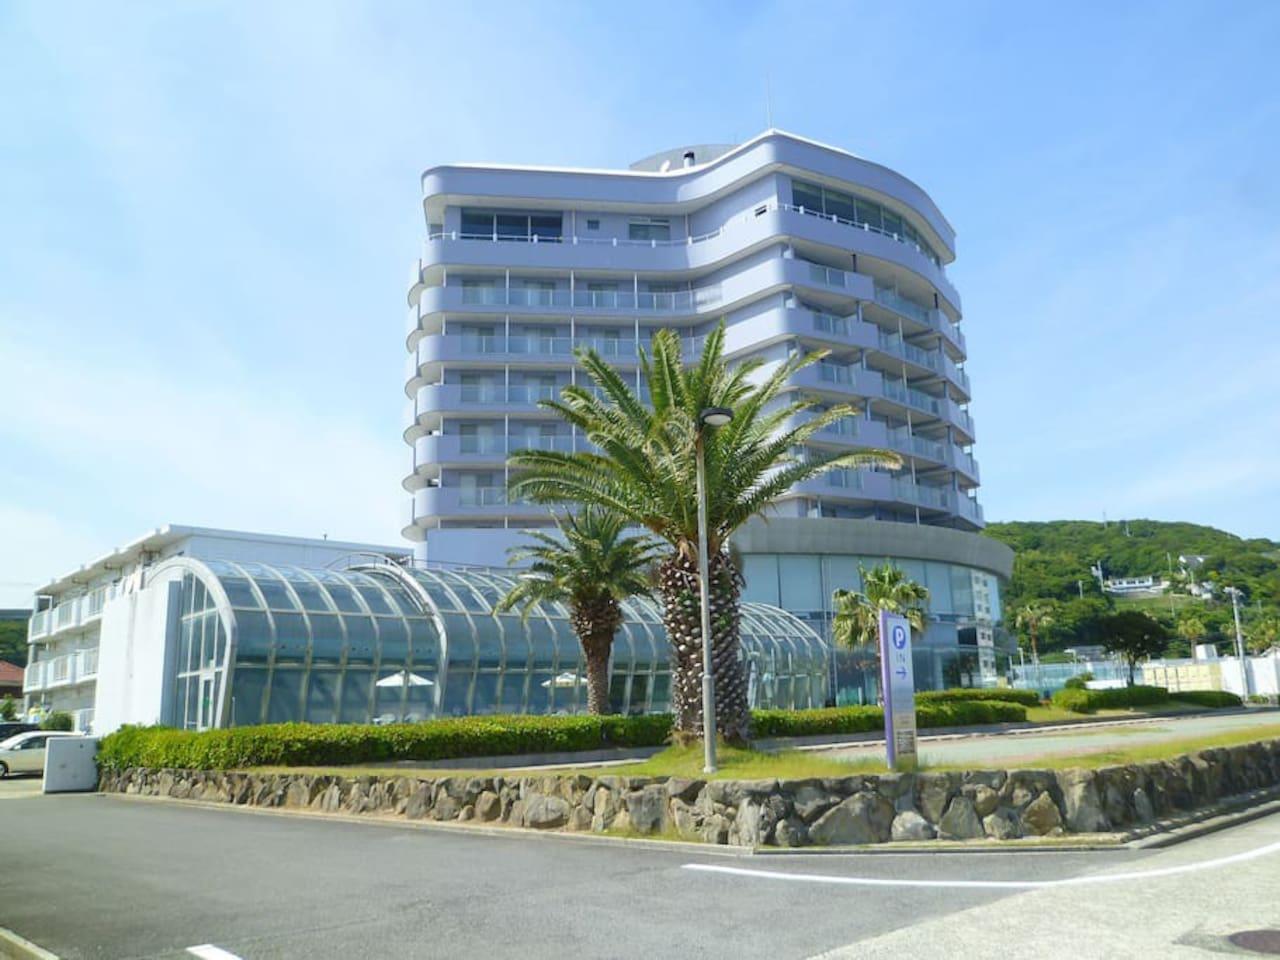 温馨Hotel淡路島